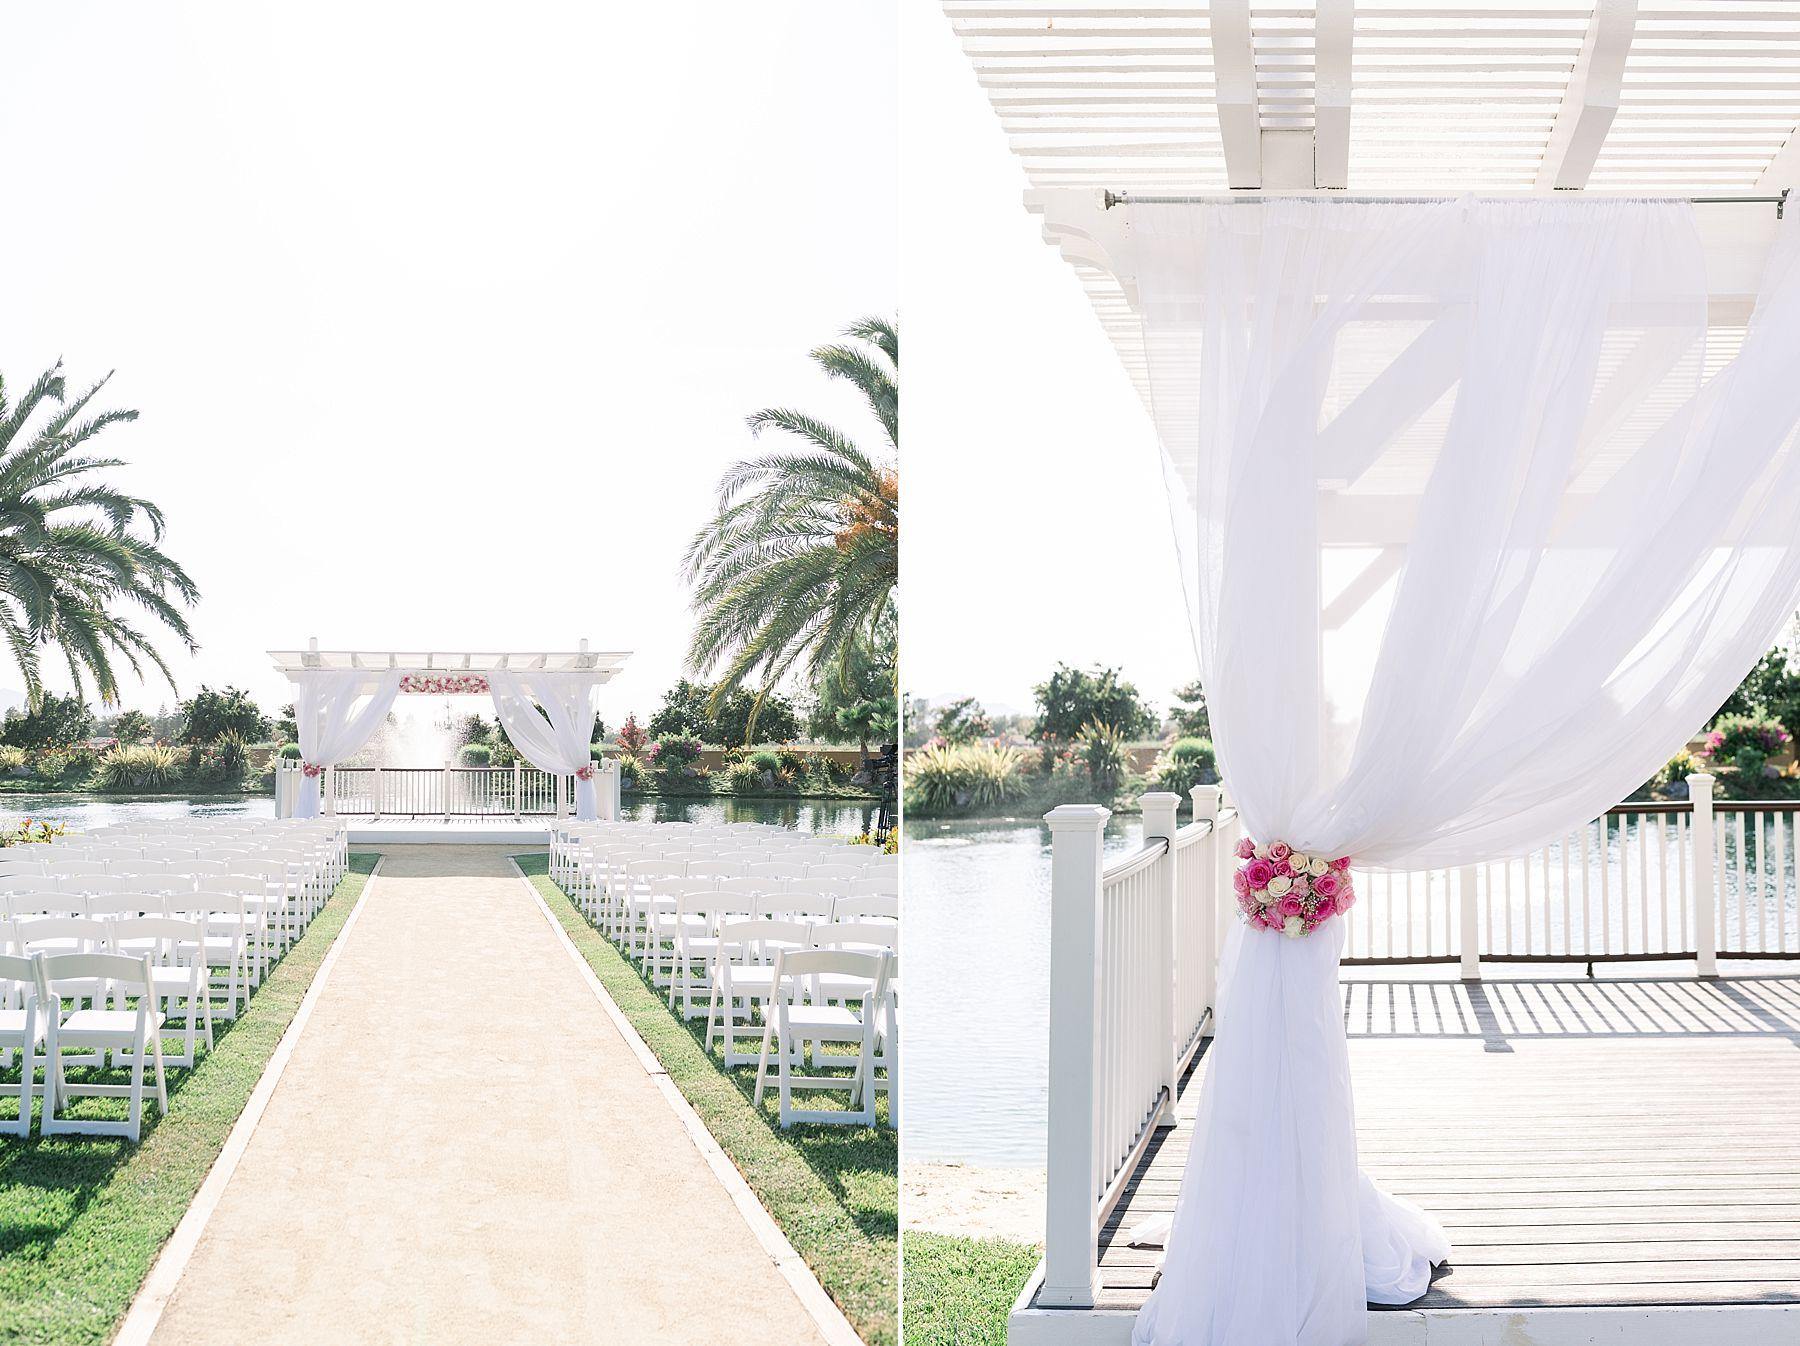 Newberry Estate Vineyards Wedding - Ashley Baumgartner - Jasmine and Johhny - Bay Area Wedding Photographer - Sacramento Wedding Photographer_0029.jpg